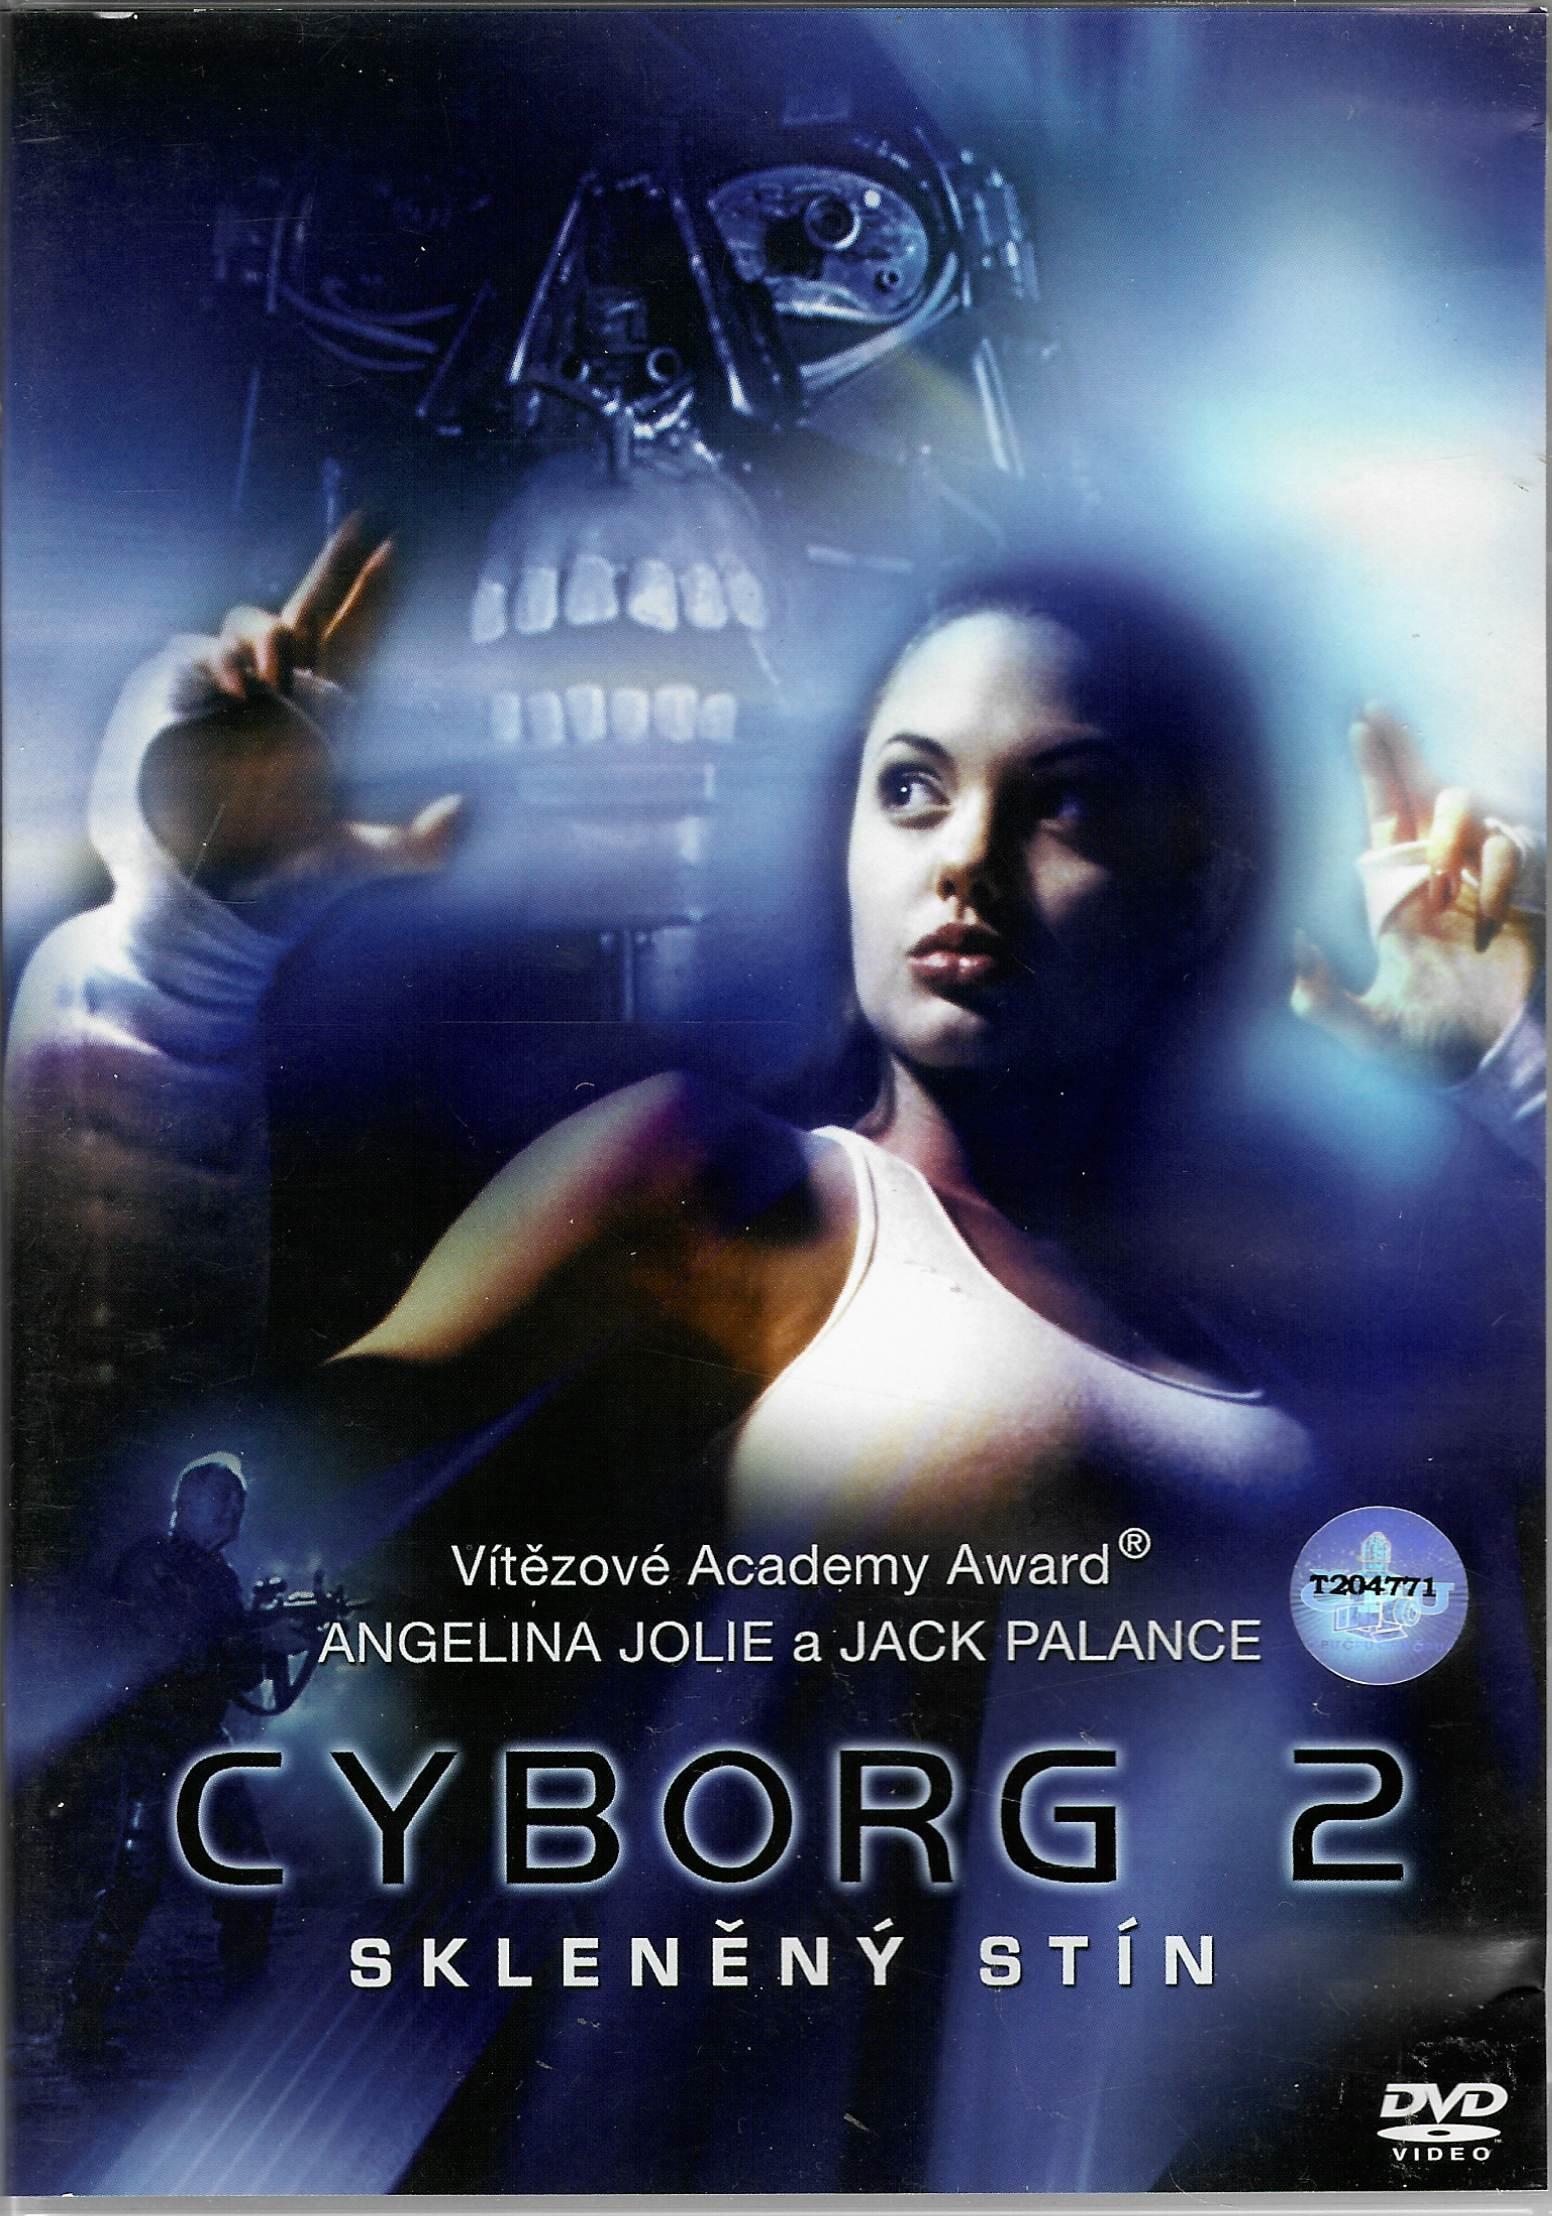 Cyborg 2 - Skleněný stín - DVD plast